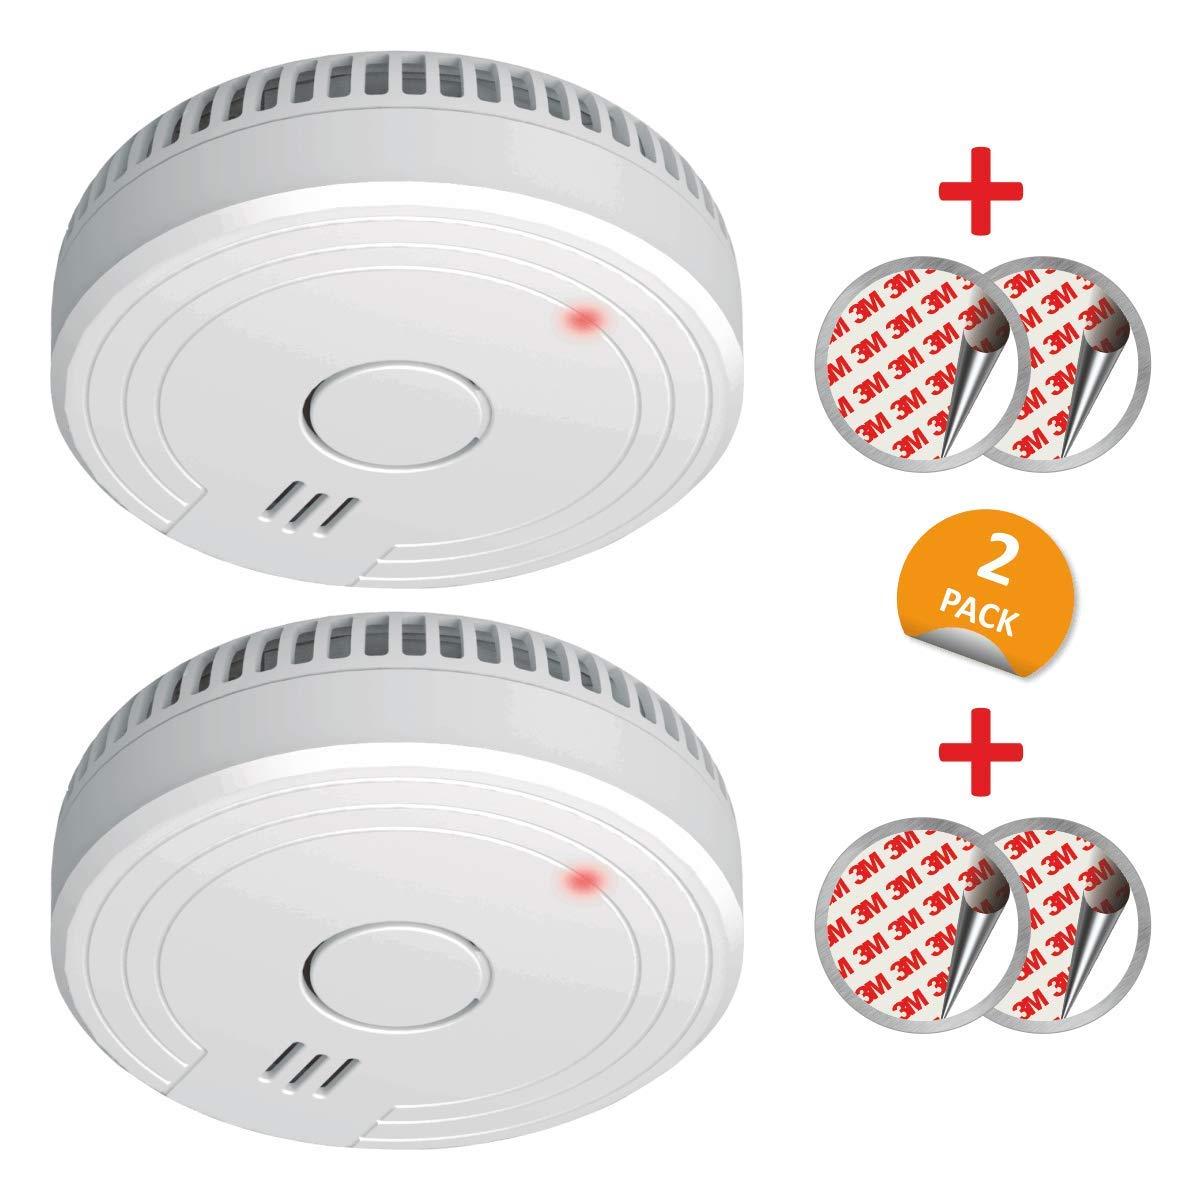 ELRO FS1805 Detectores de Humo Blanco 2 Stück Set de 2 Piezas product image